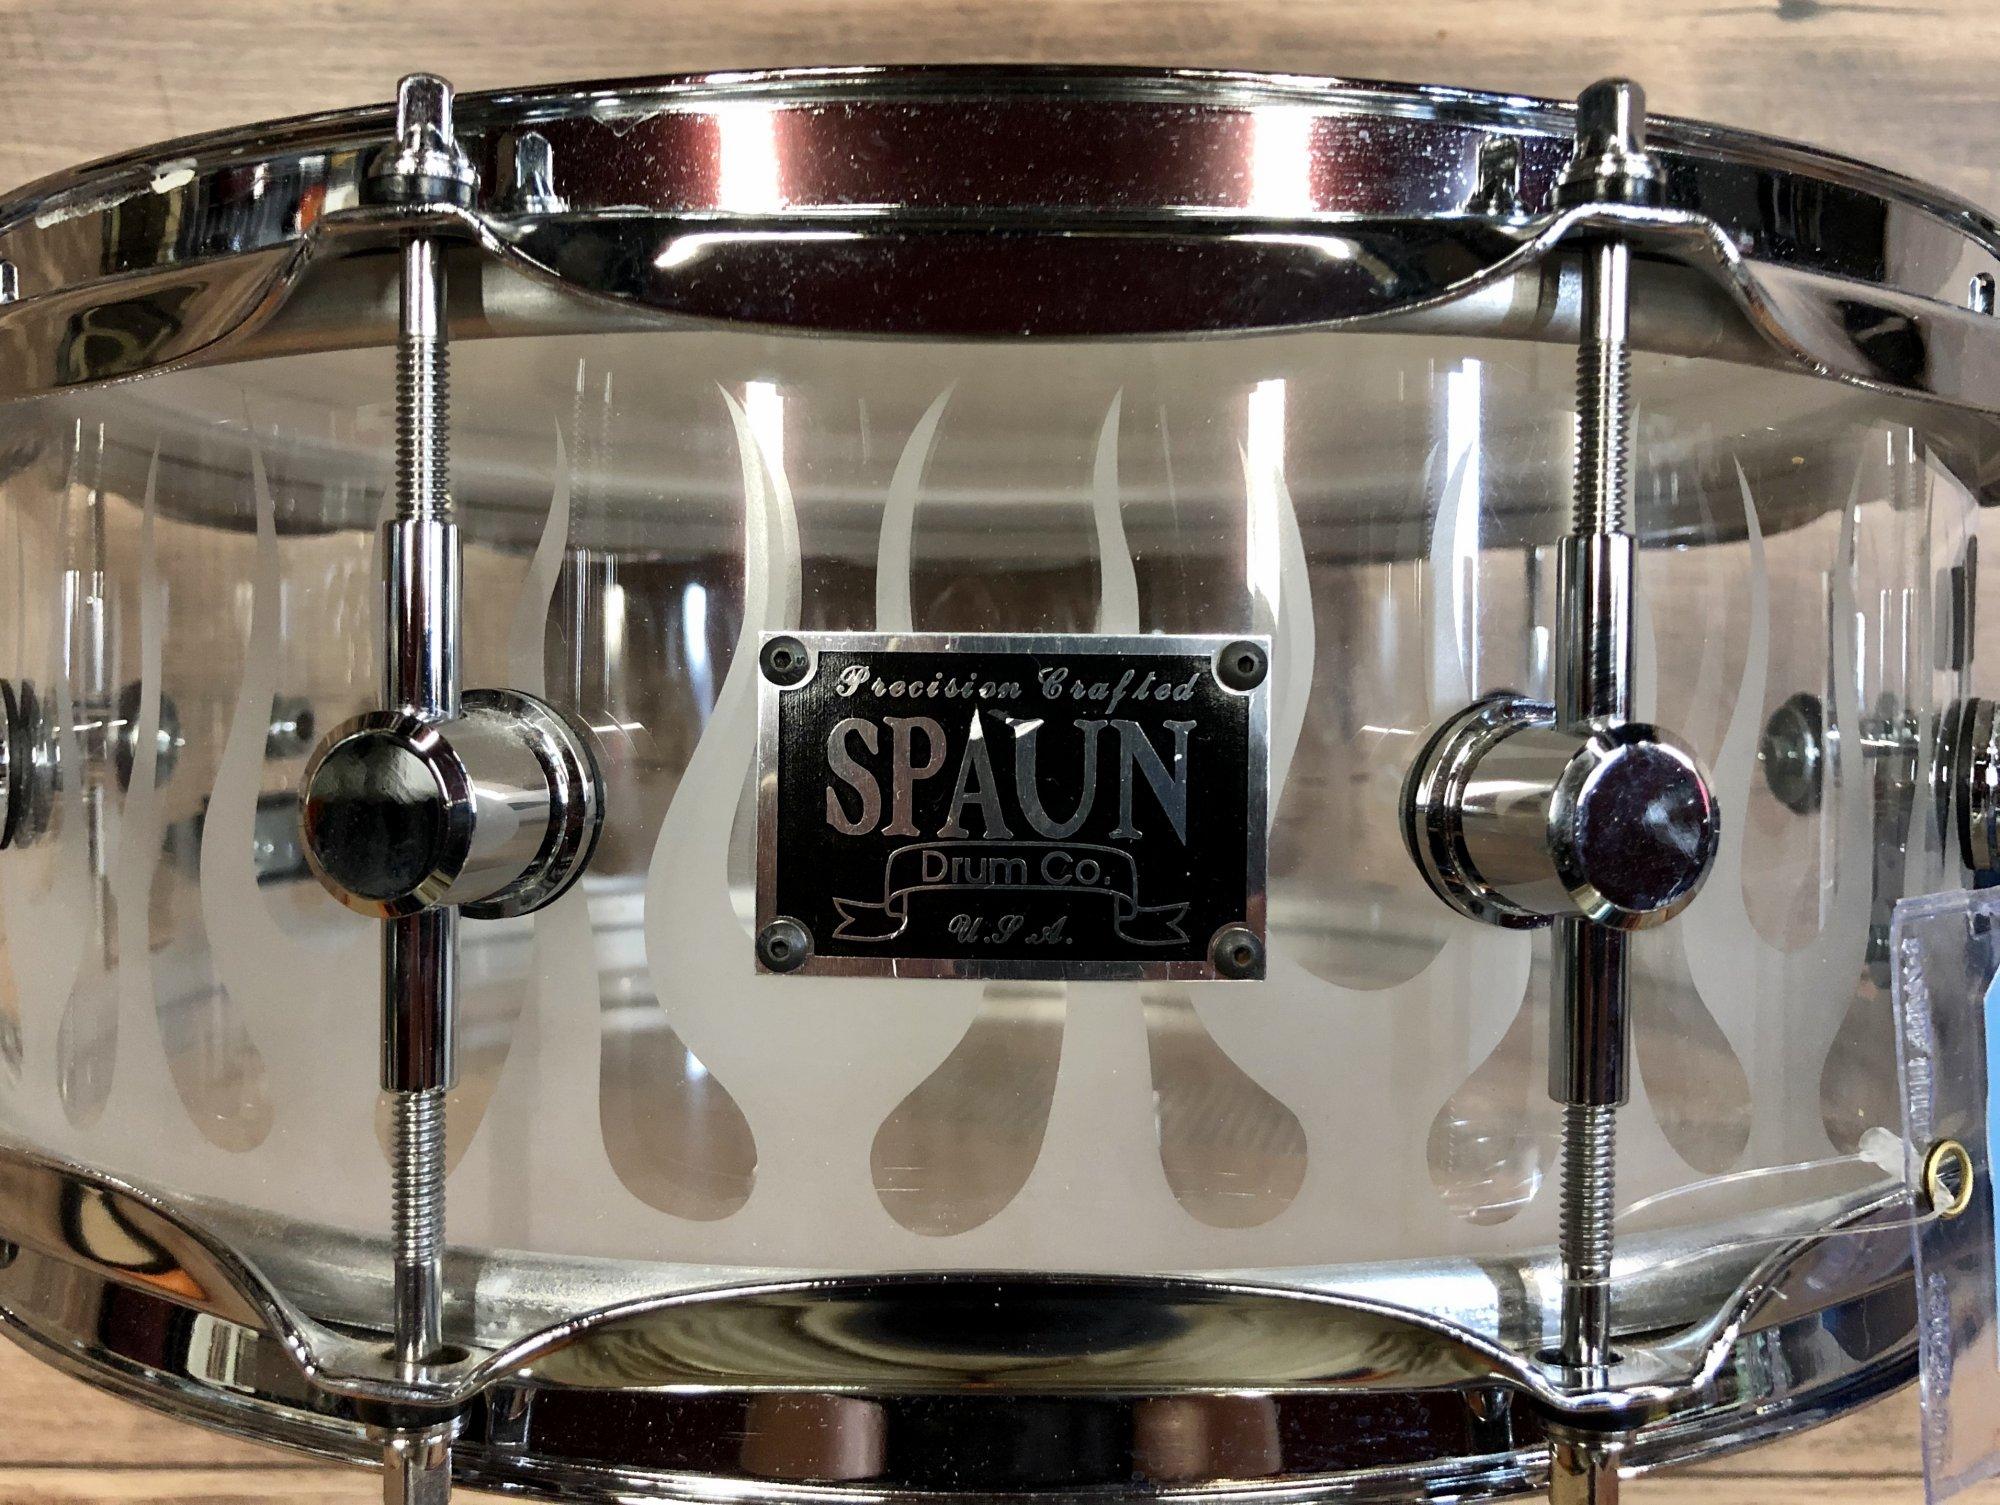 USED - Spaun Acrylic Snare Drum